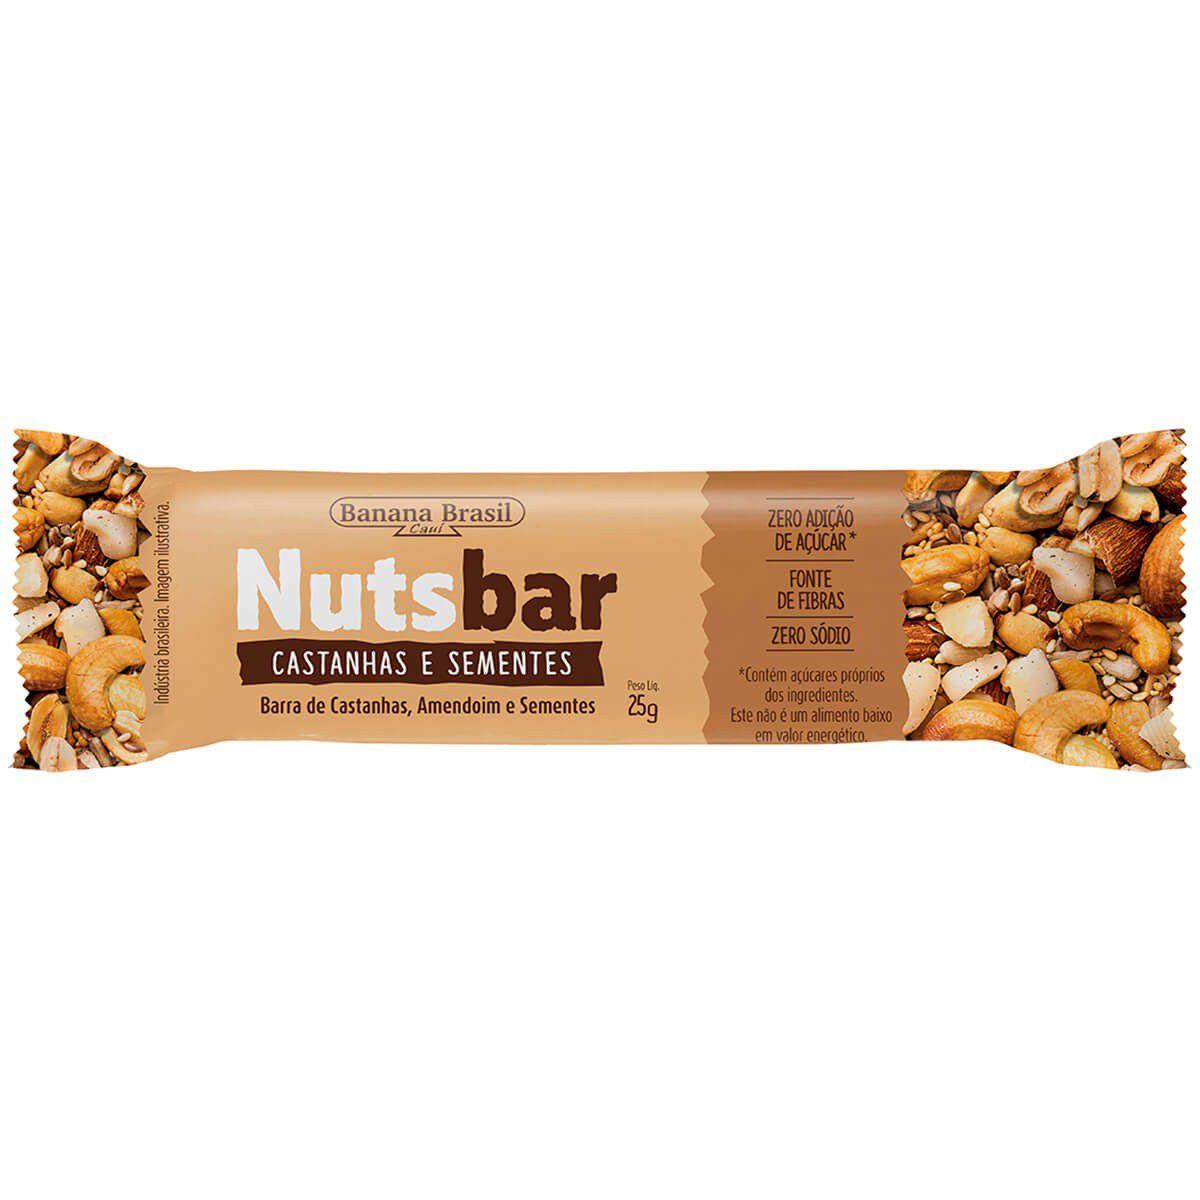 Nutsbar - Barra de Castanhas e Sementes Diet 25g